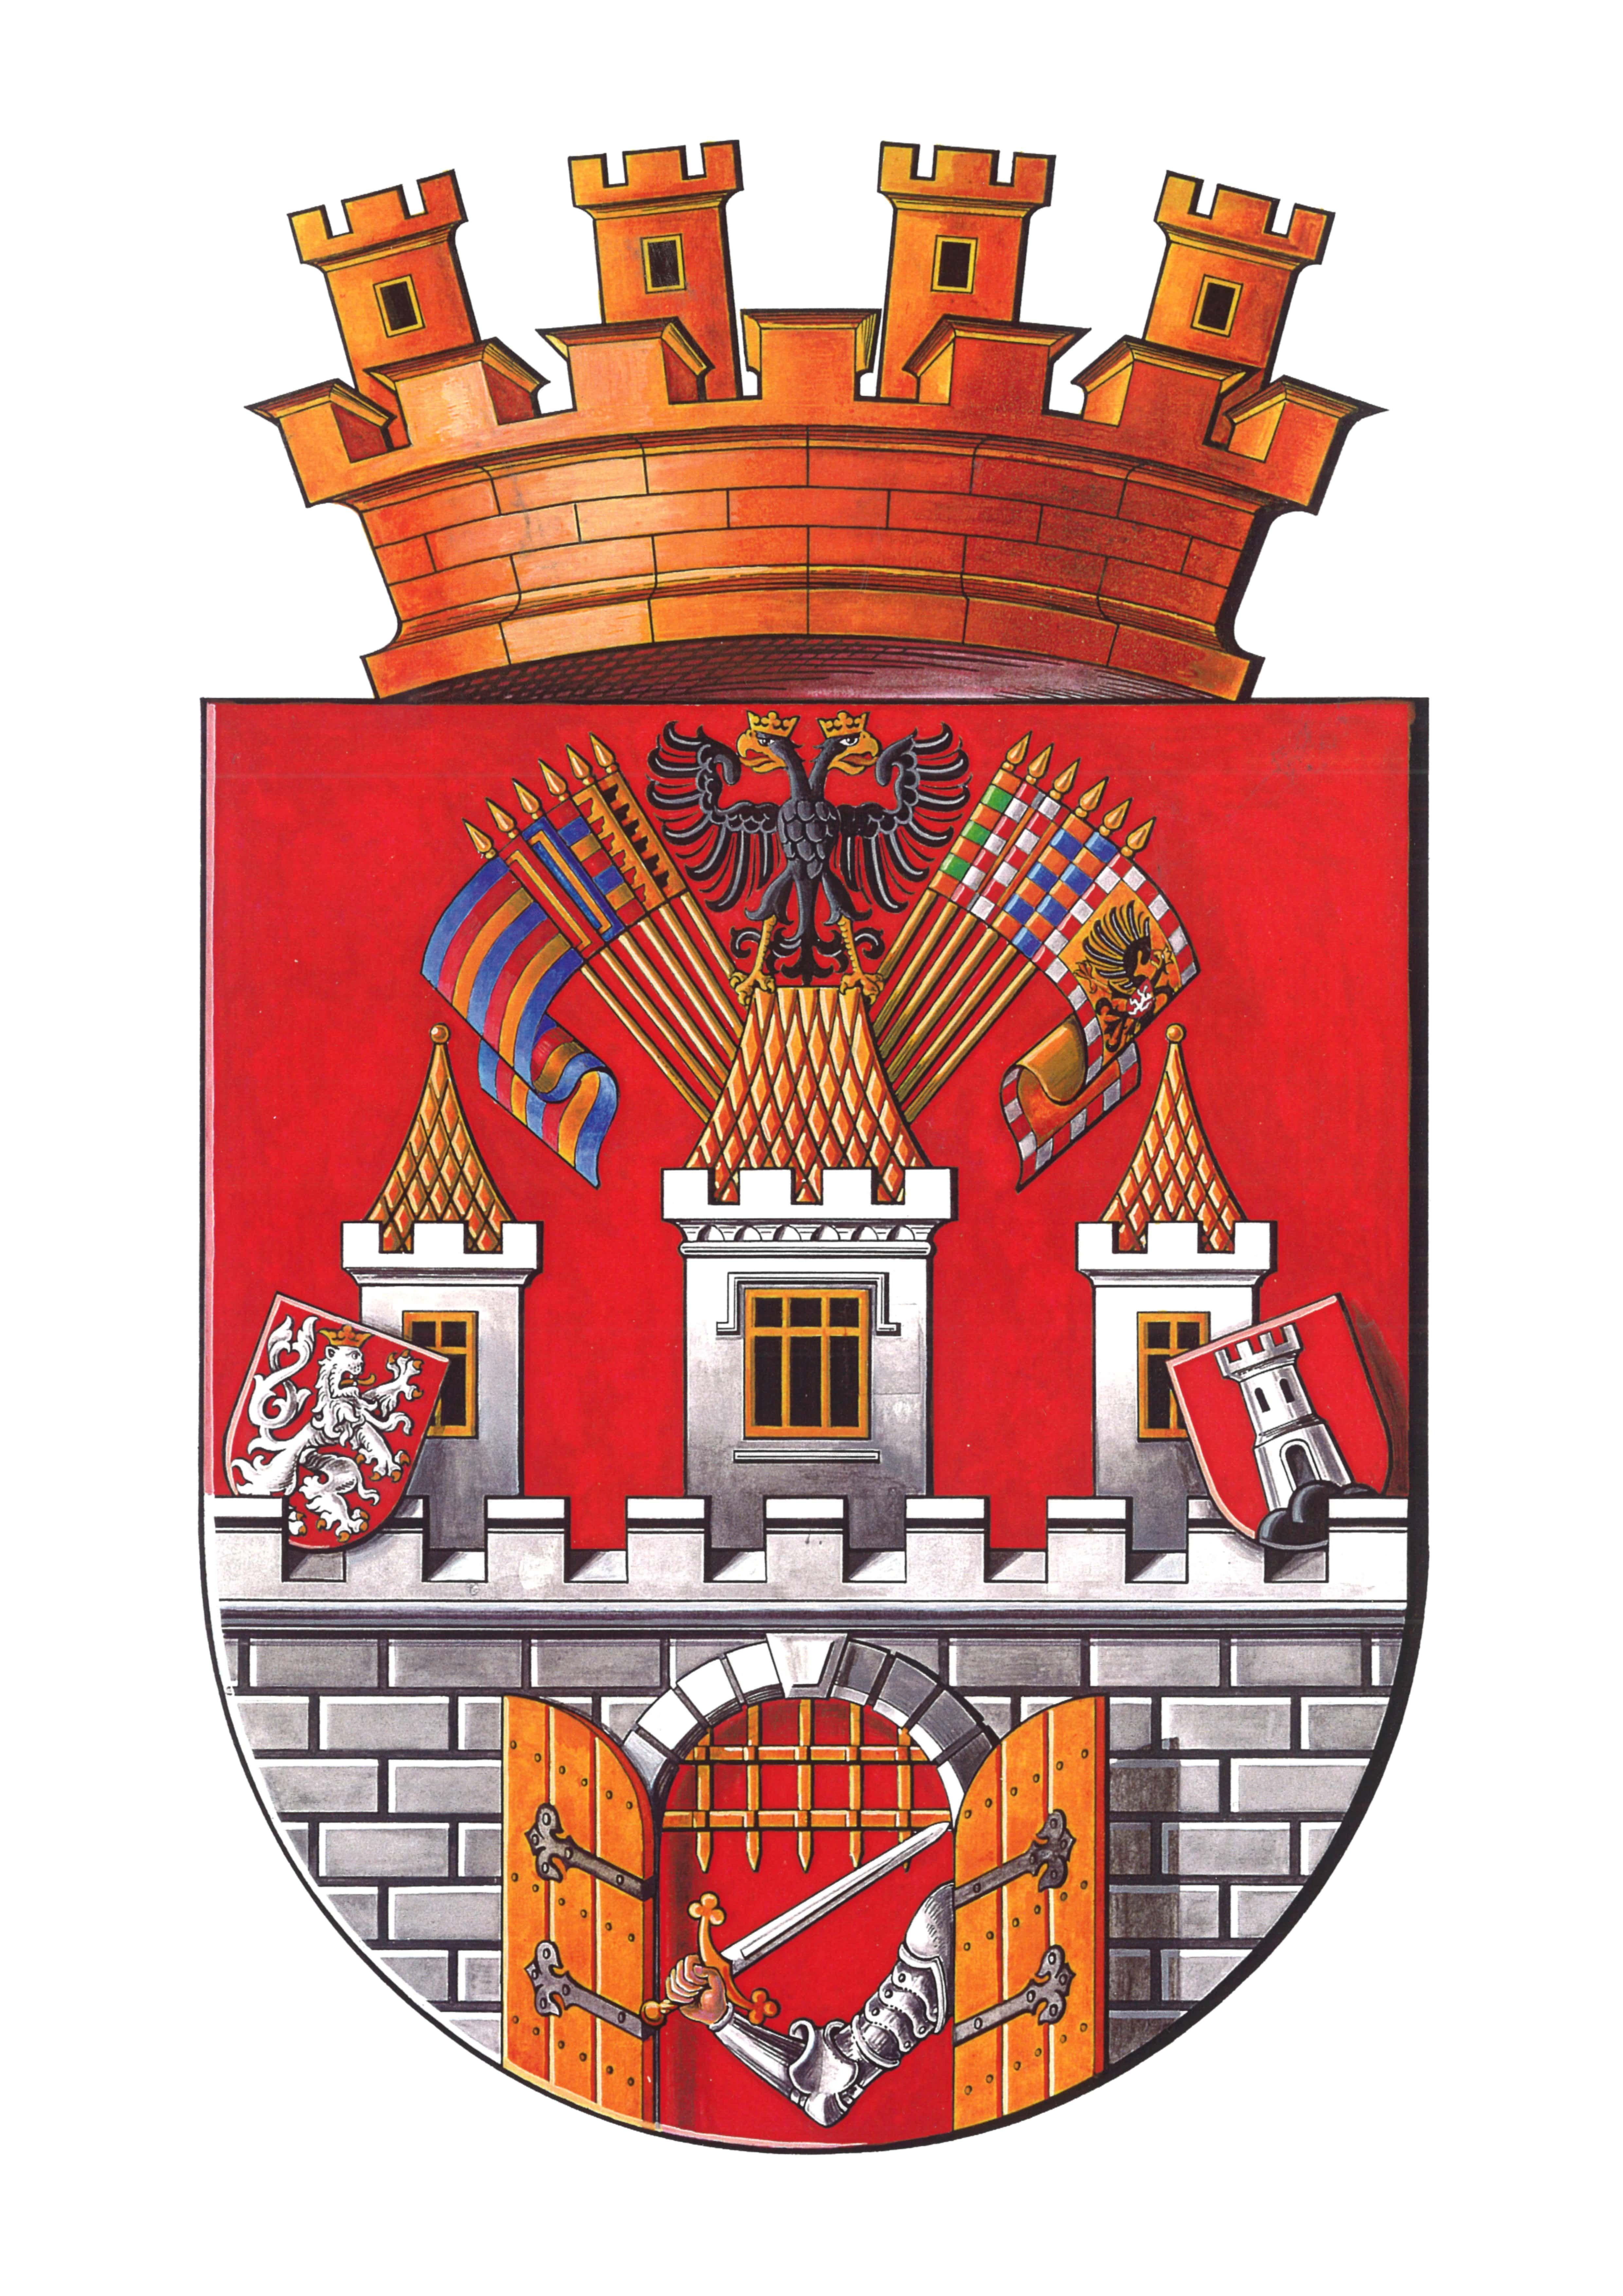 pozvanka-na-8-zasedani-zastupitelstva-mc-praha-5